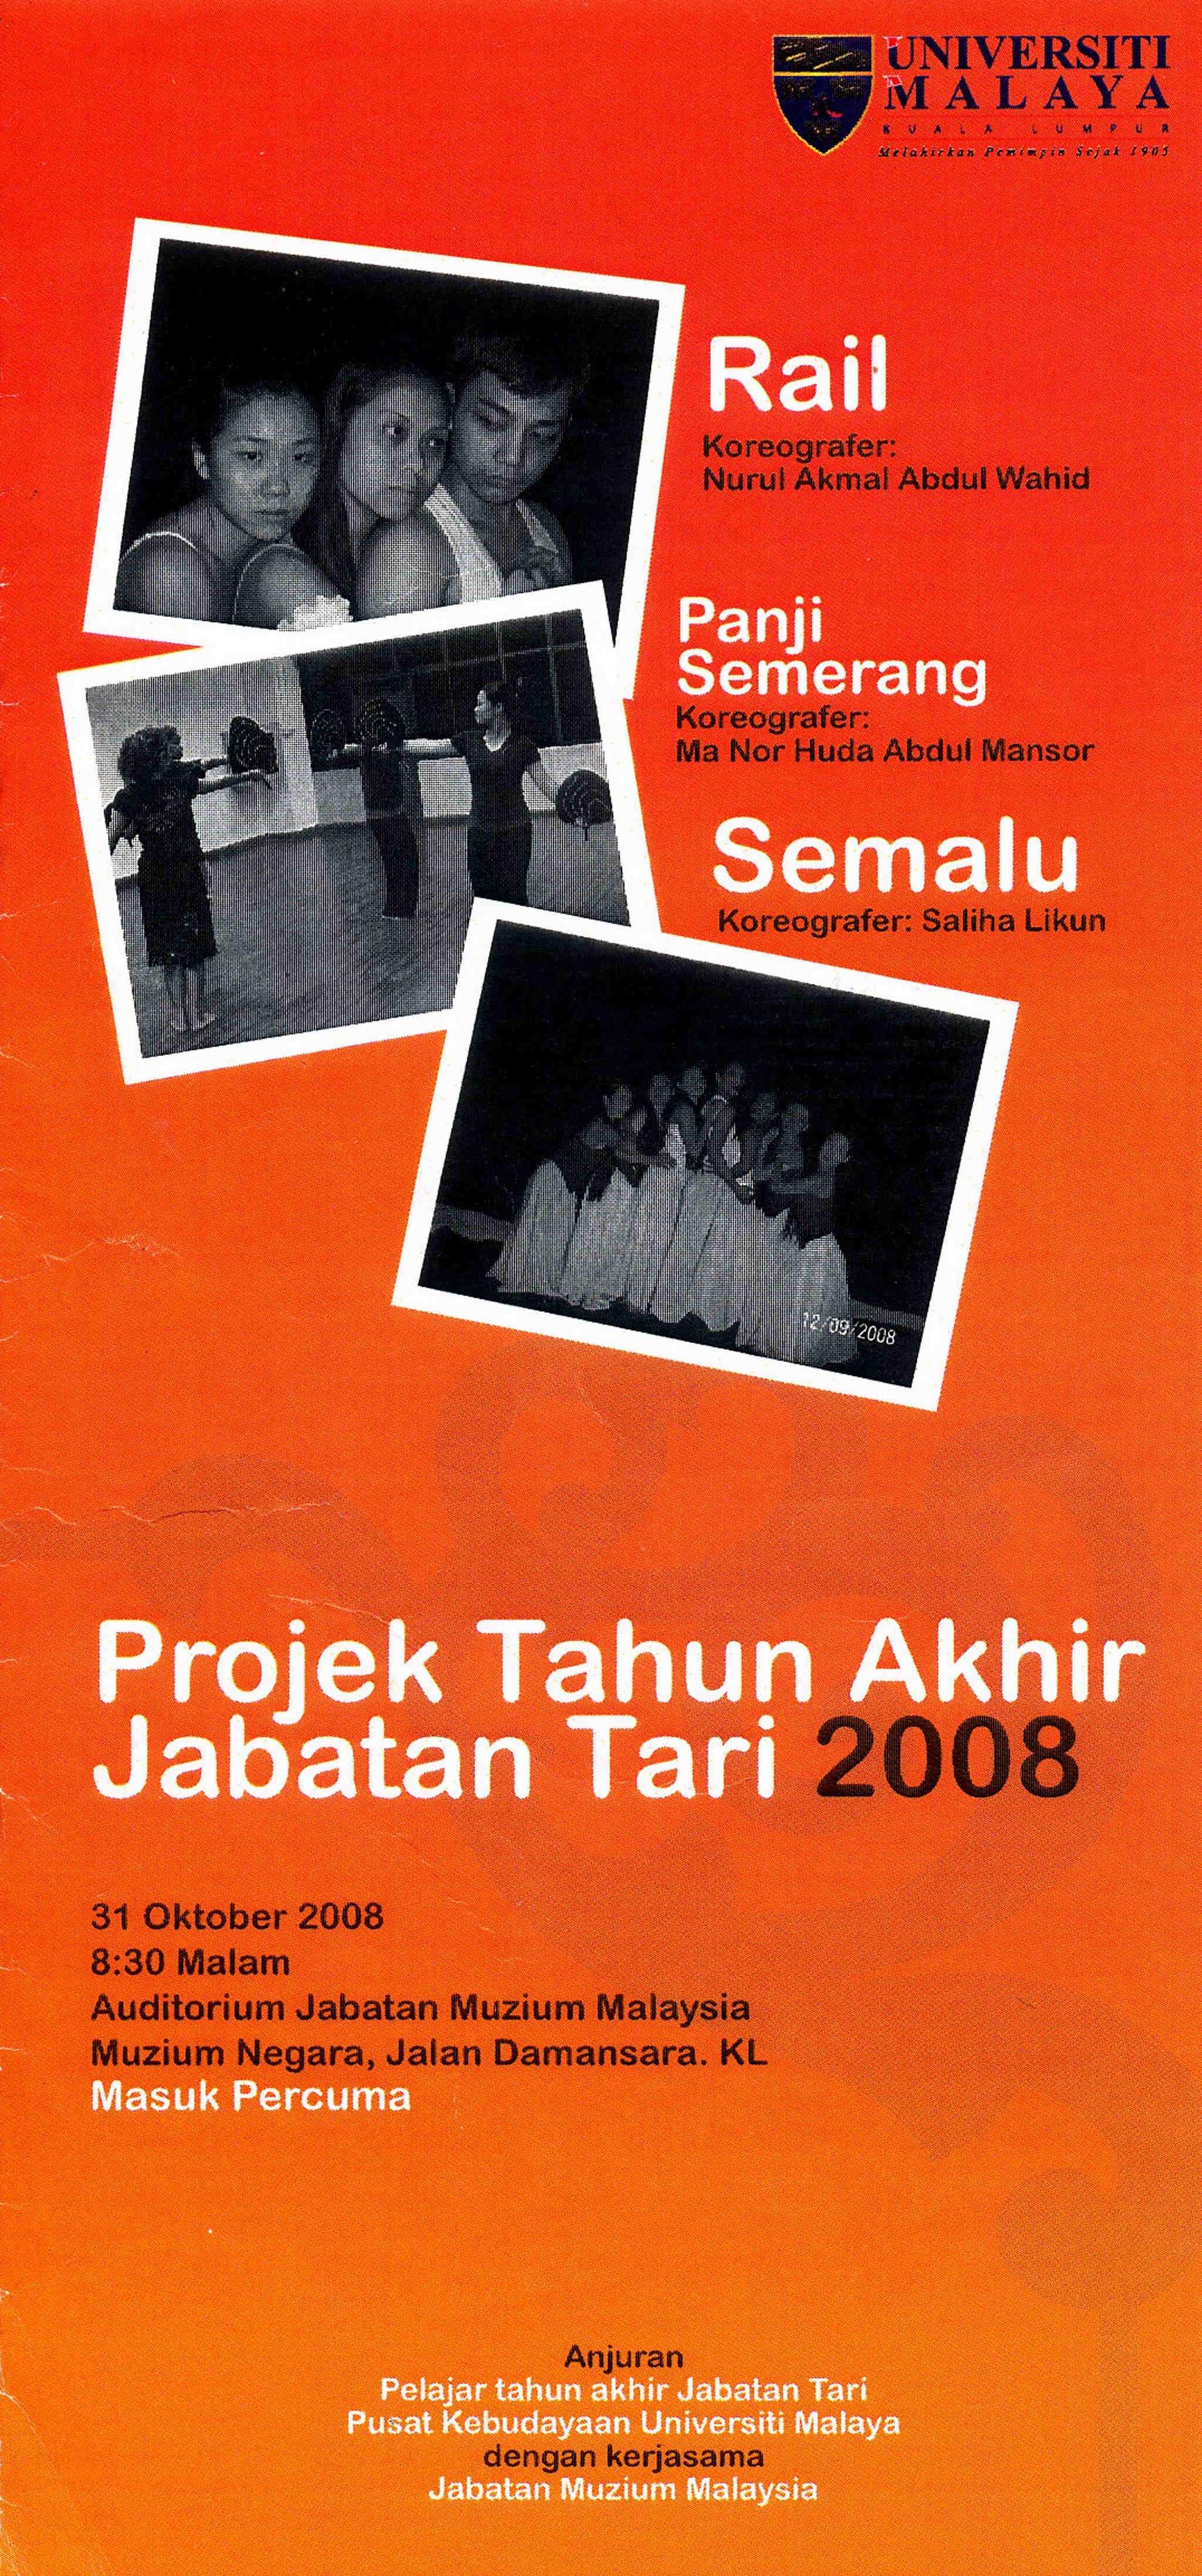 2008 Projek Tahun Akhir Jabatan Tari Cover